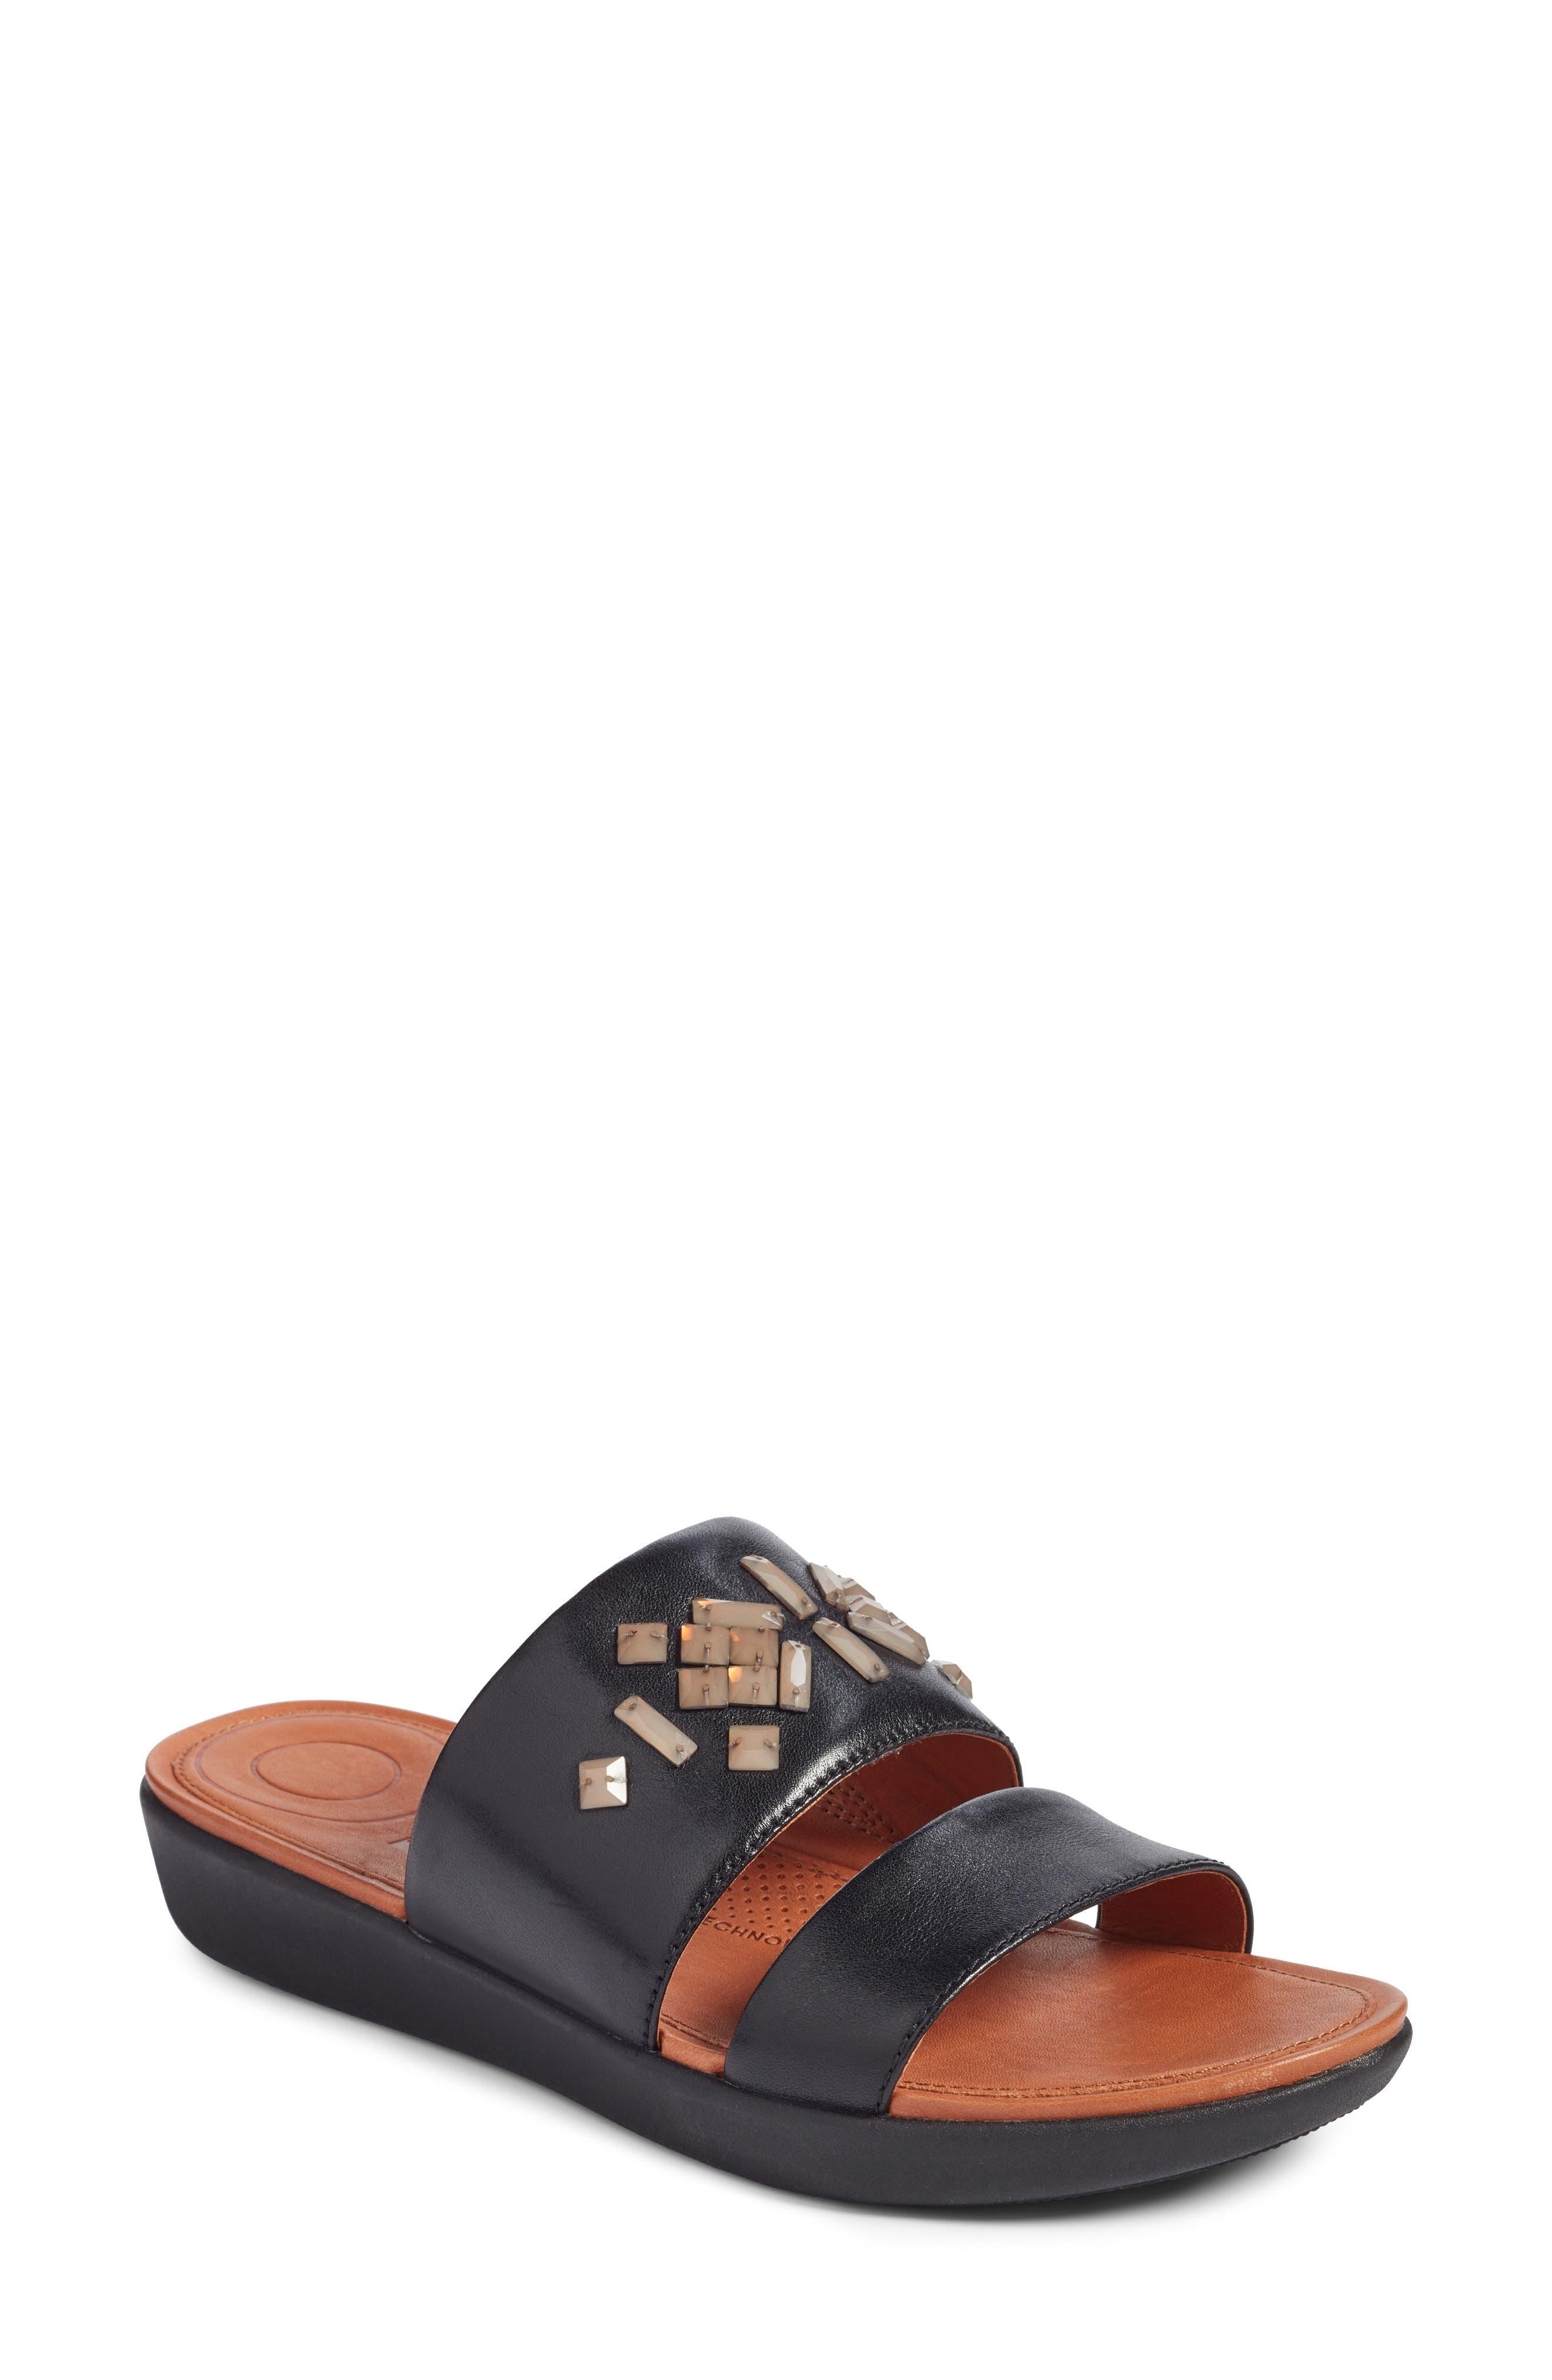 Fitflop Delta Slide Sandal, Black